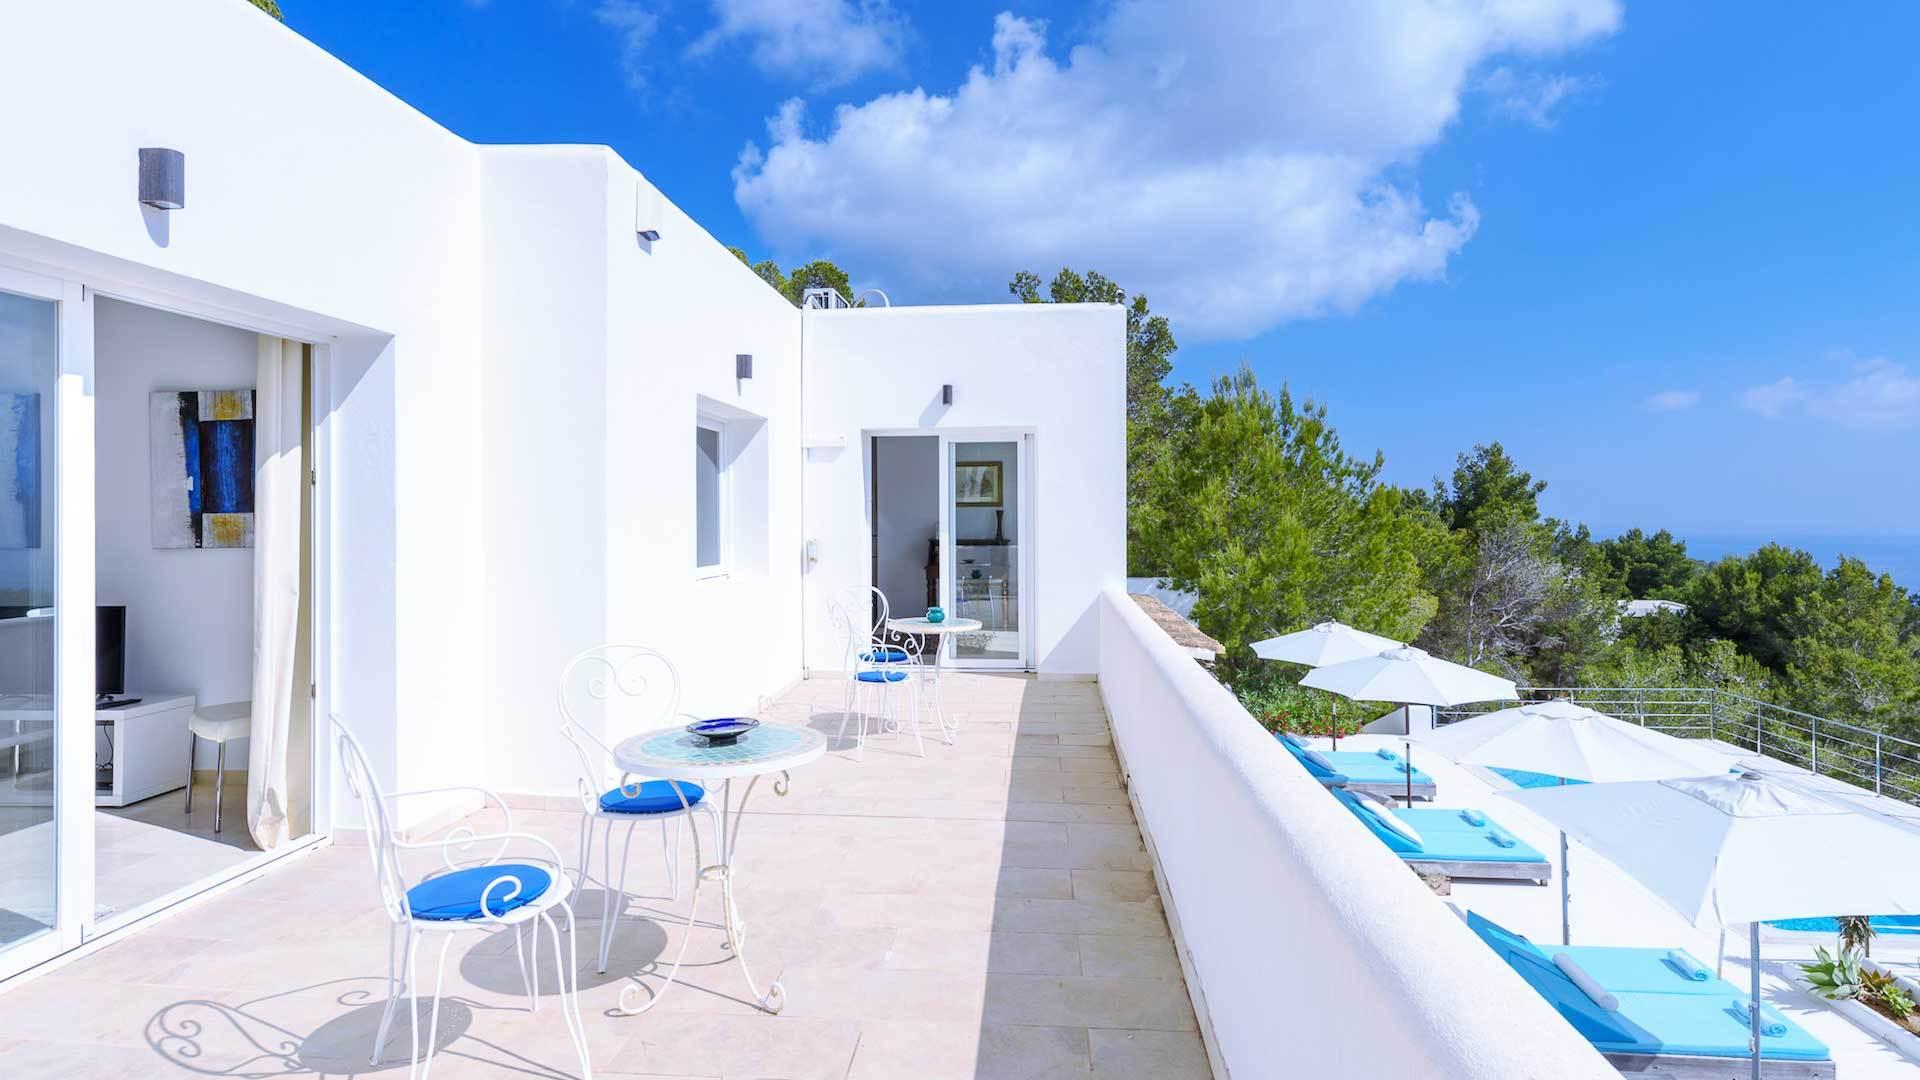 Terrasse gestalten: eine Terrassegestaltung wie aus Santorin